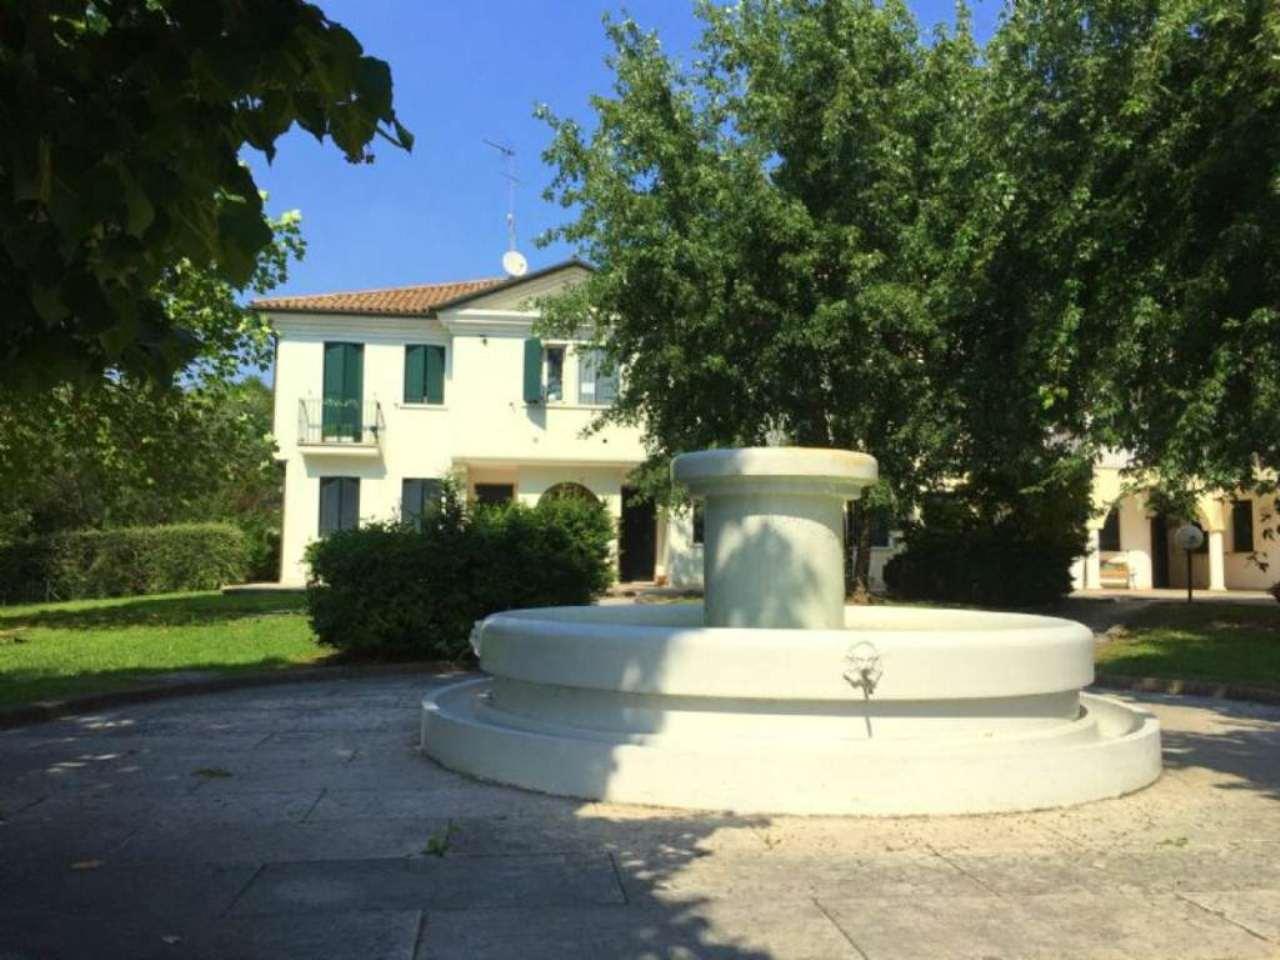 Appartamento in vendita a San Biagio di Callalta, 4 locali, prezzo € 99.000 | Cambio Casa.it